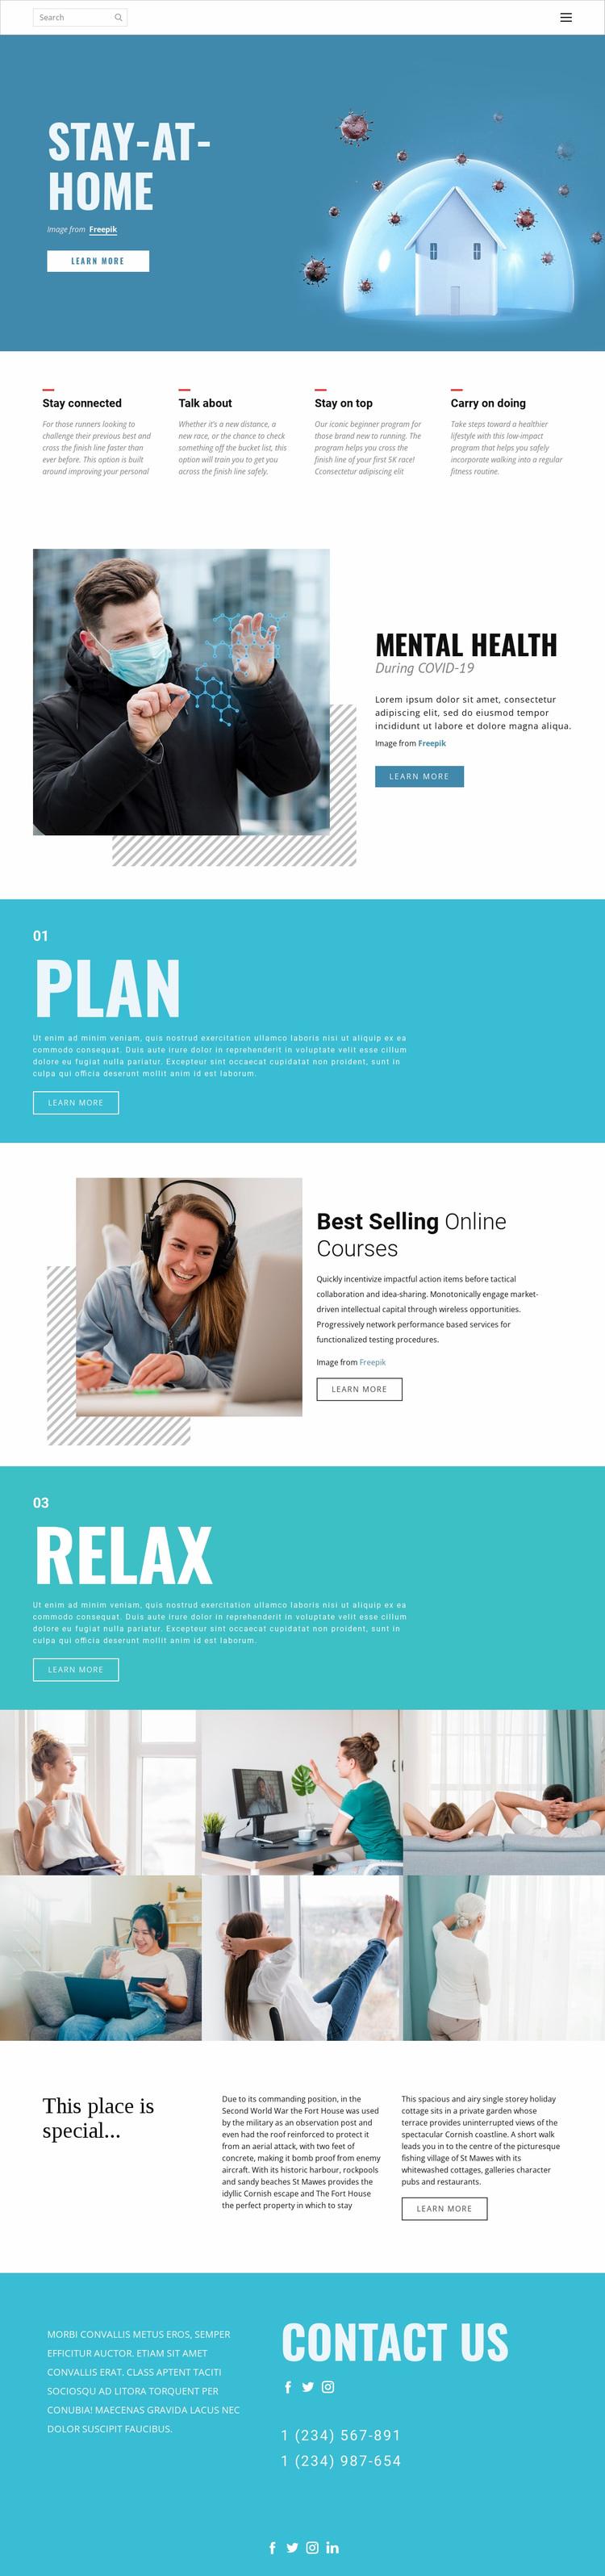 Stay-at-home medicine Website Design